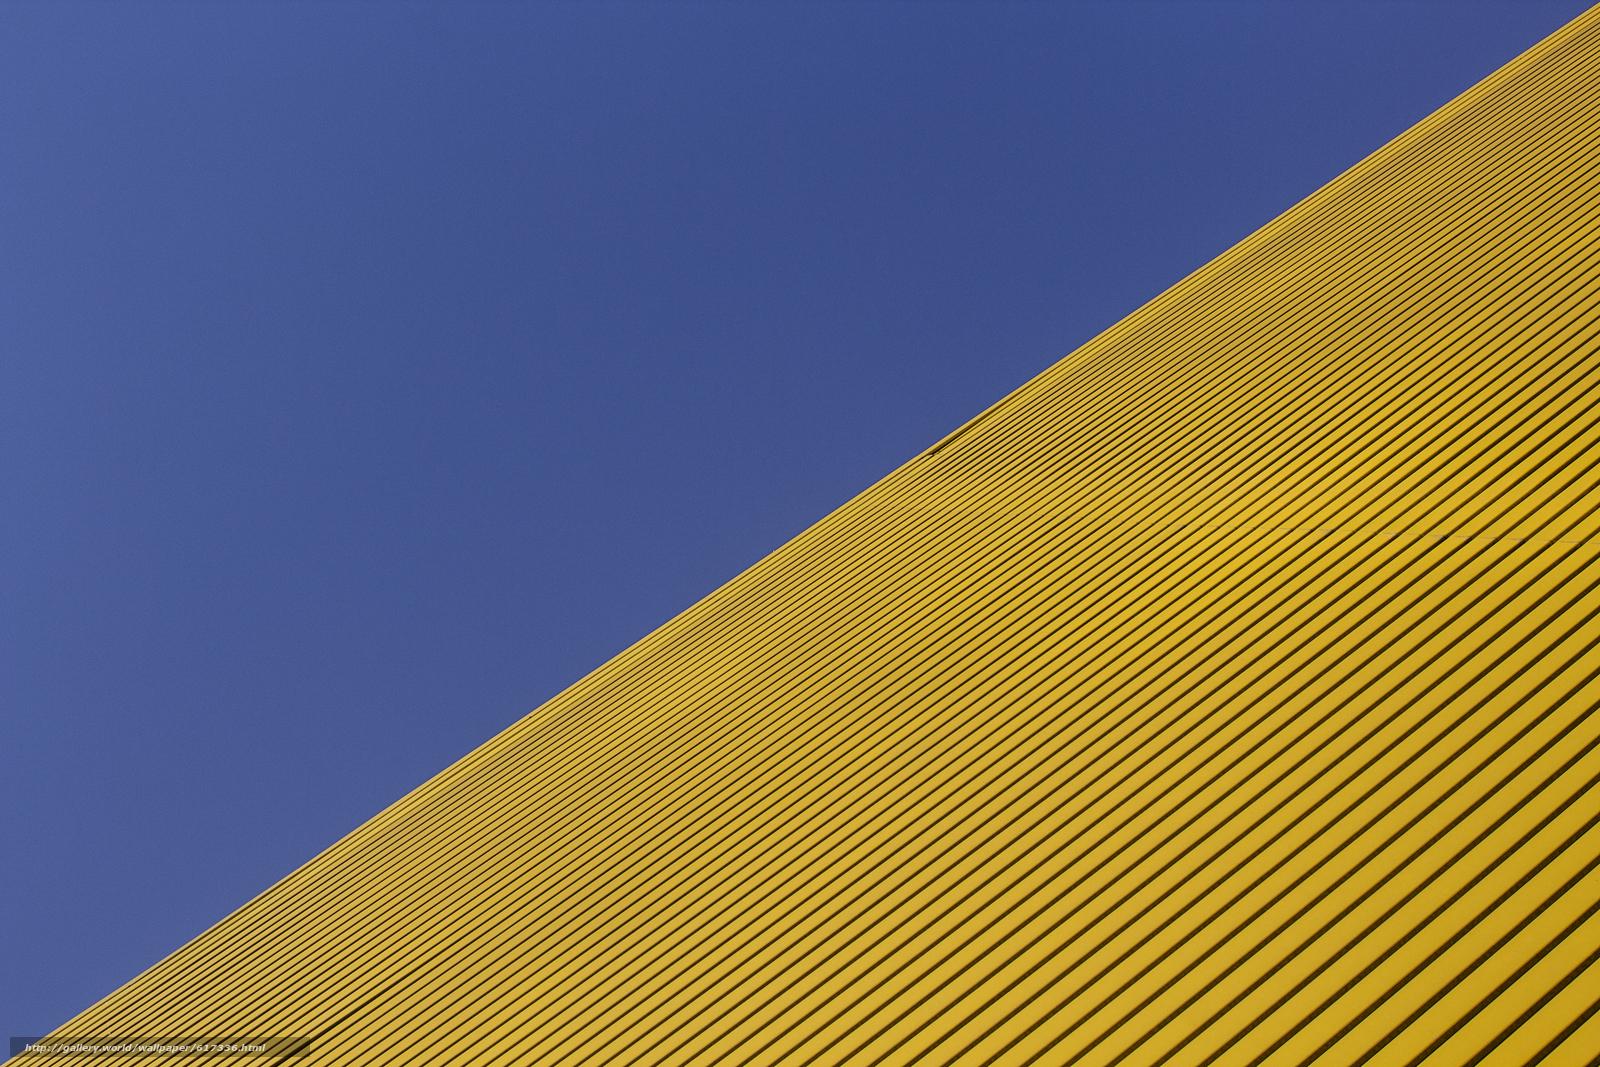 Скачать на телефон обои фото картинку на тему диагональ, синий, жёлтый, разширение 5184x3456